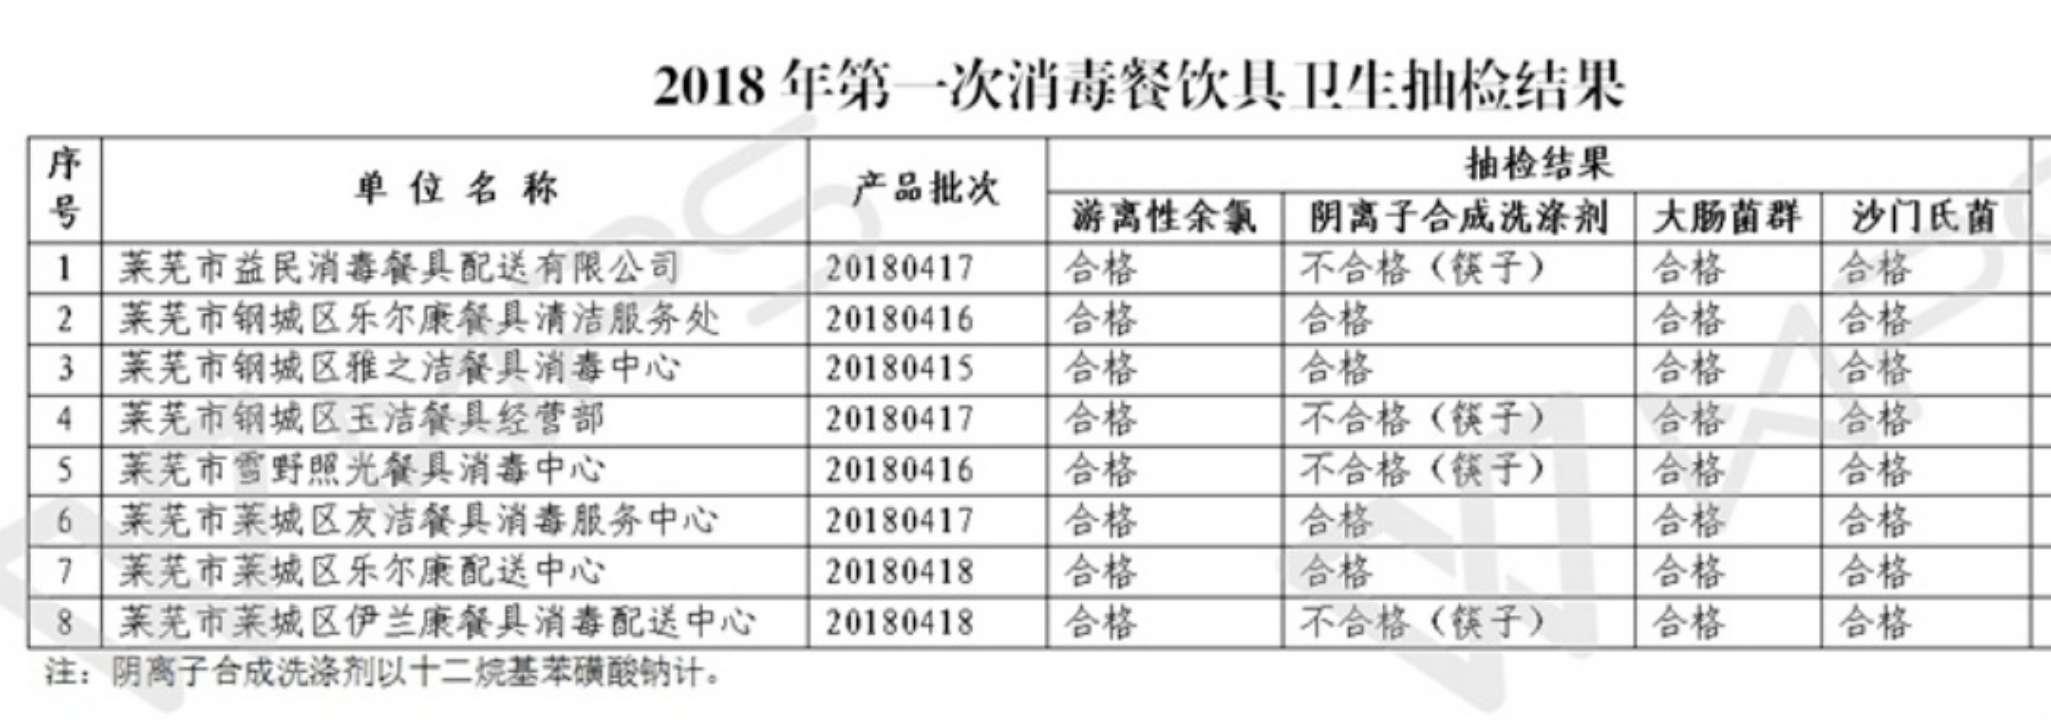 莱芜2018年第一次消毒餐饮具卫生抽检公布 四家企业不合格